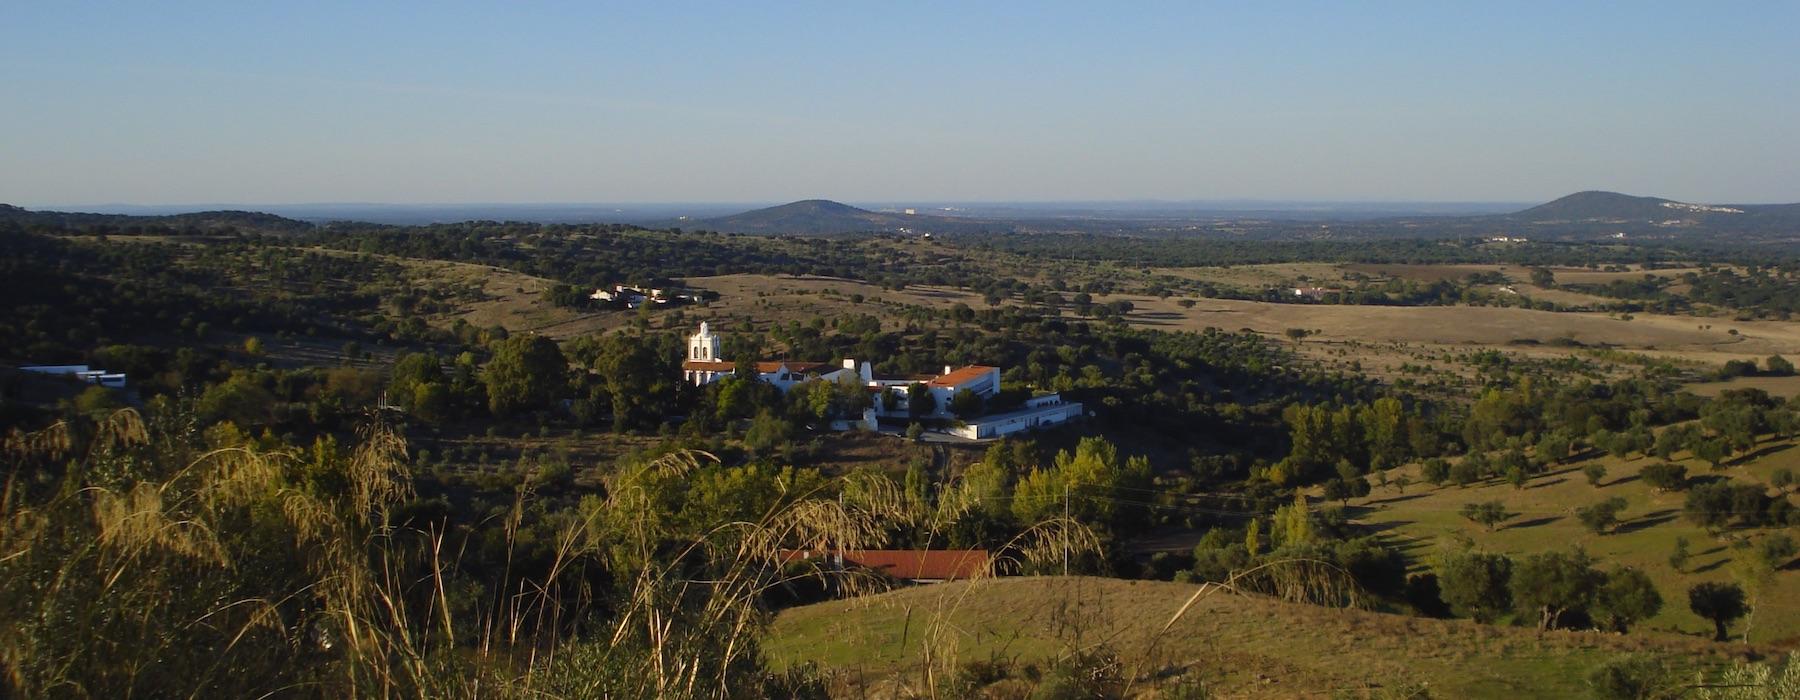 Views of Pousada Arraiolos